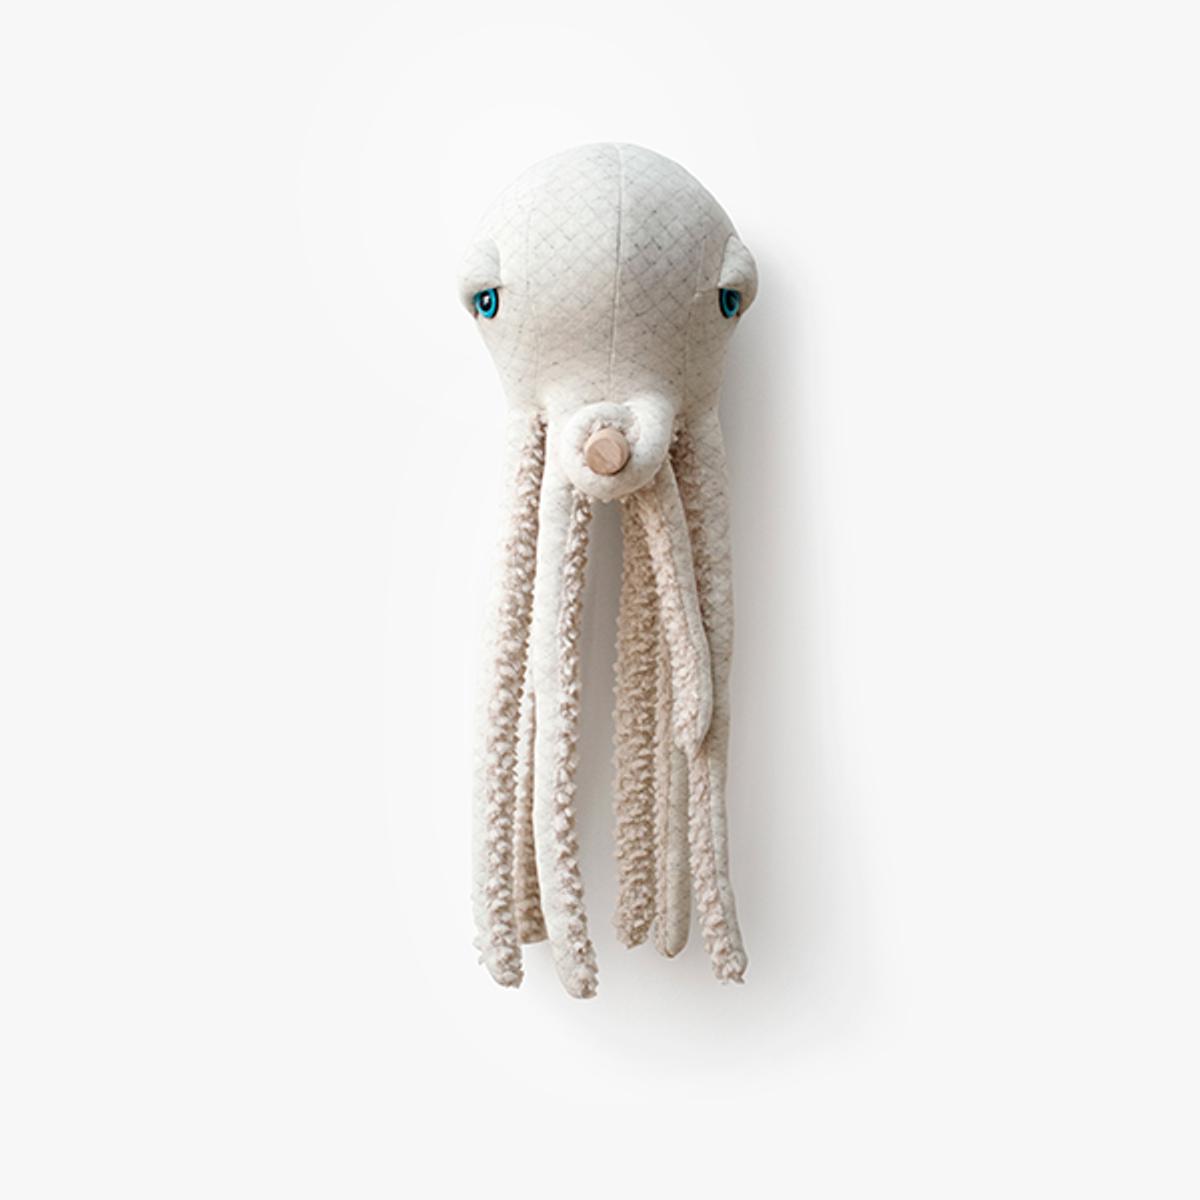 Blekksprut Albino Small